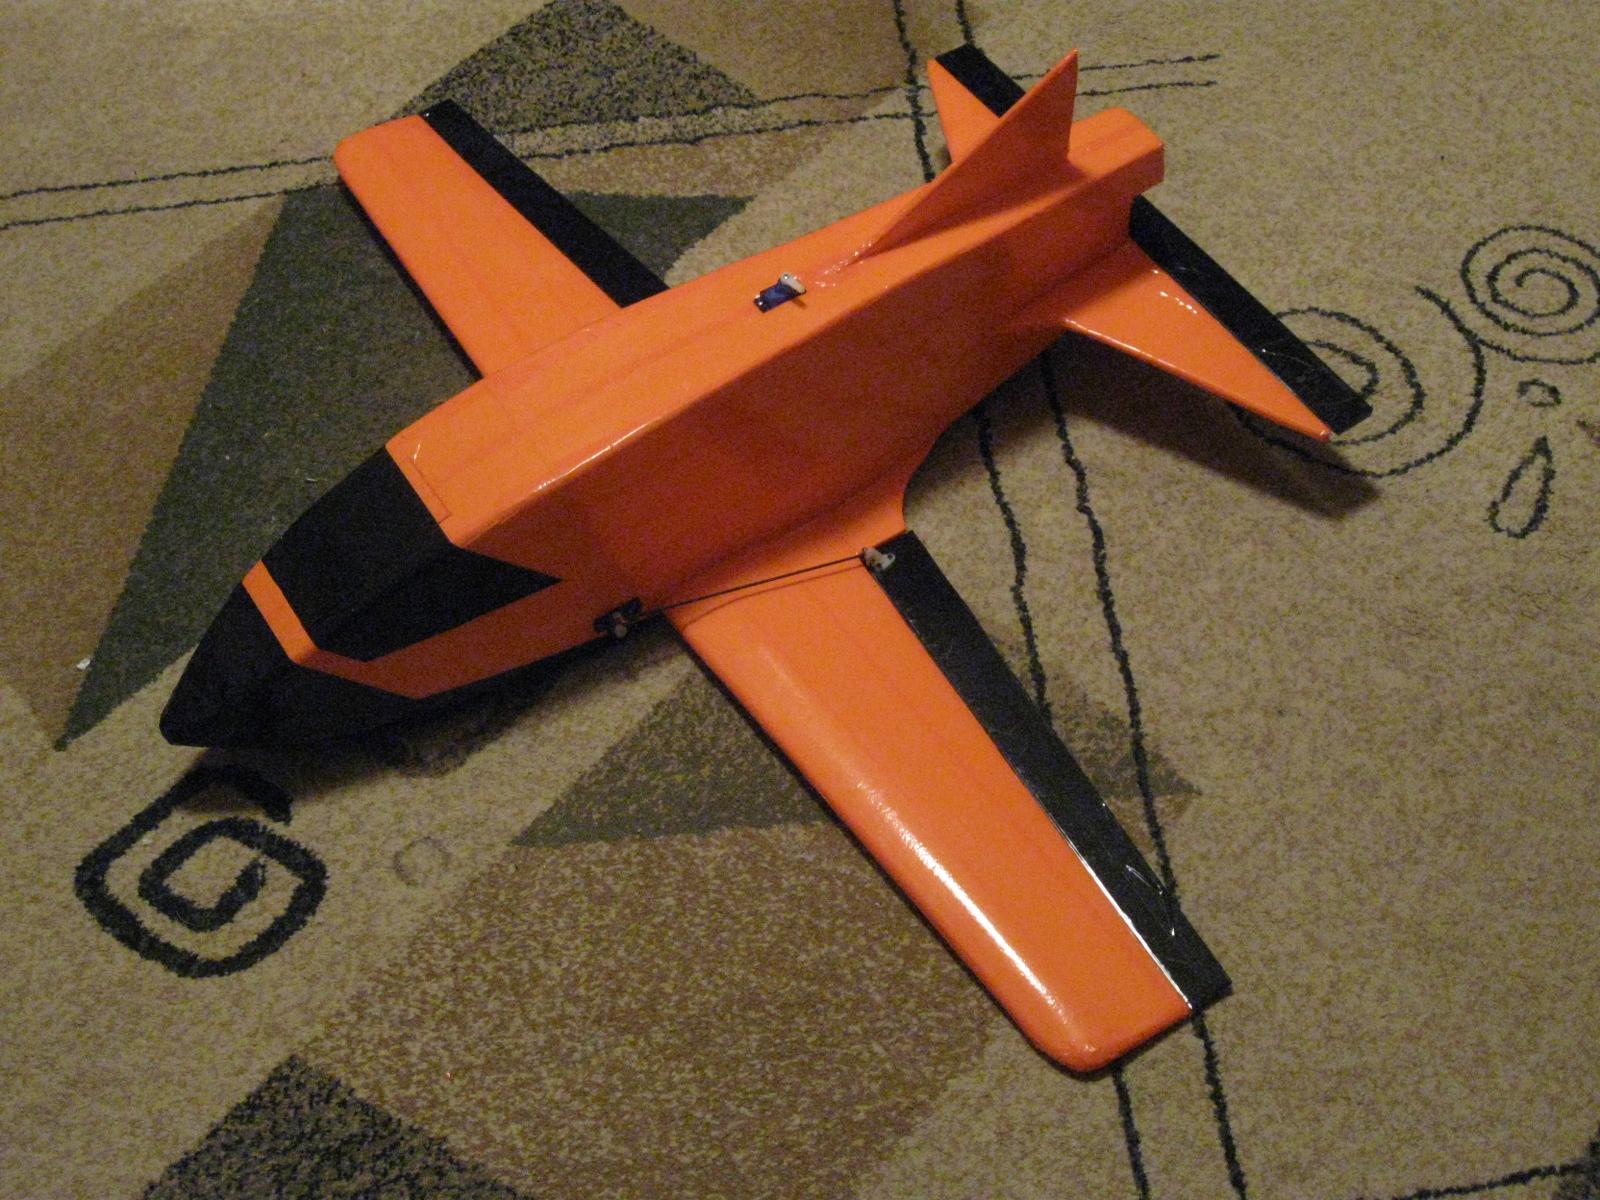 Как сделать управляемый бумажный самолетик - МозгоЧины 19